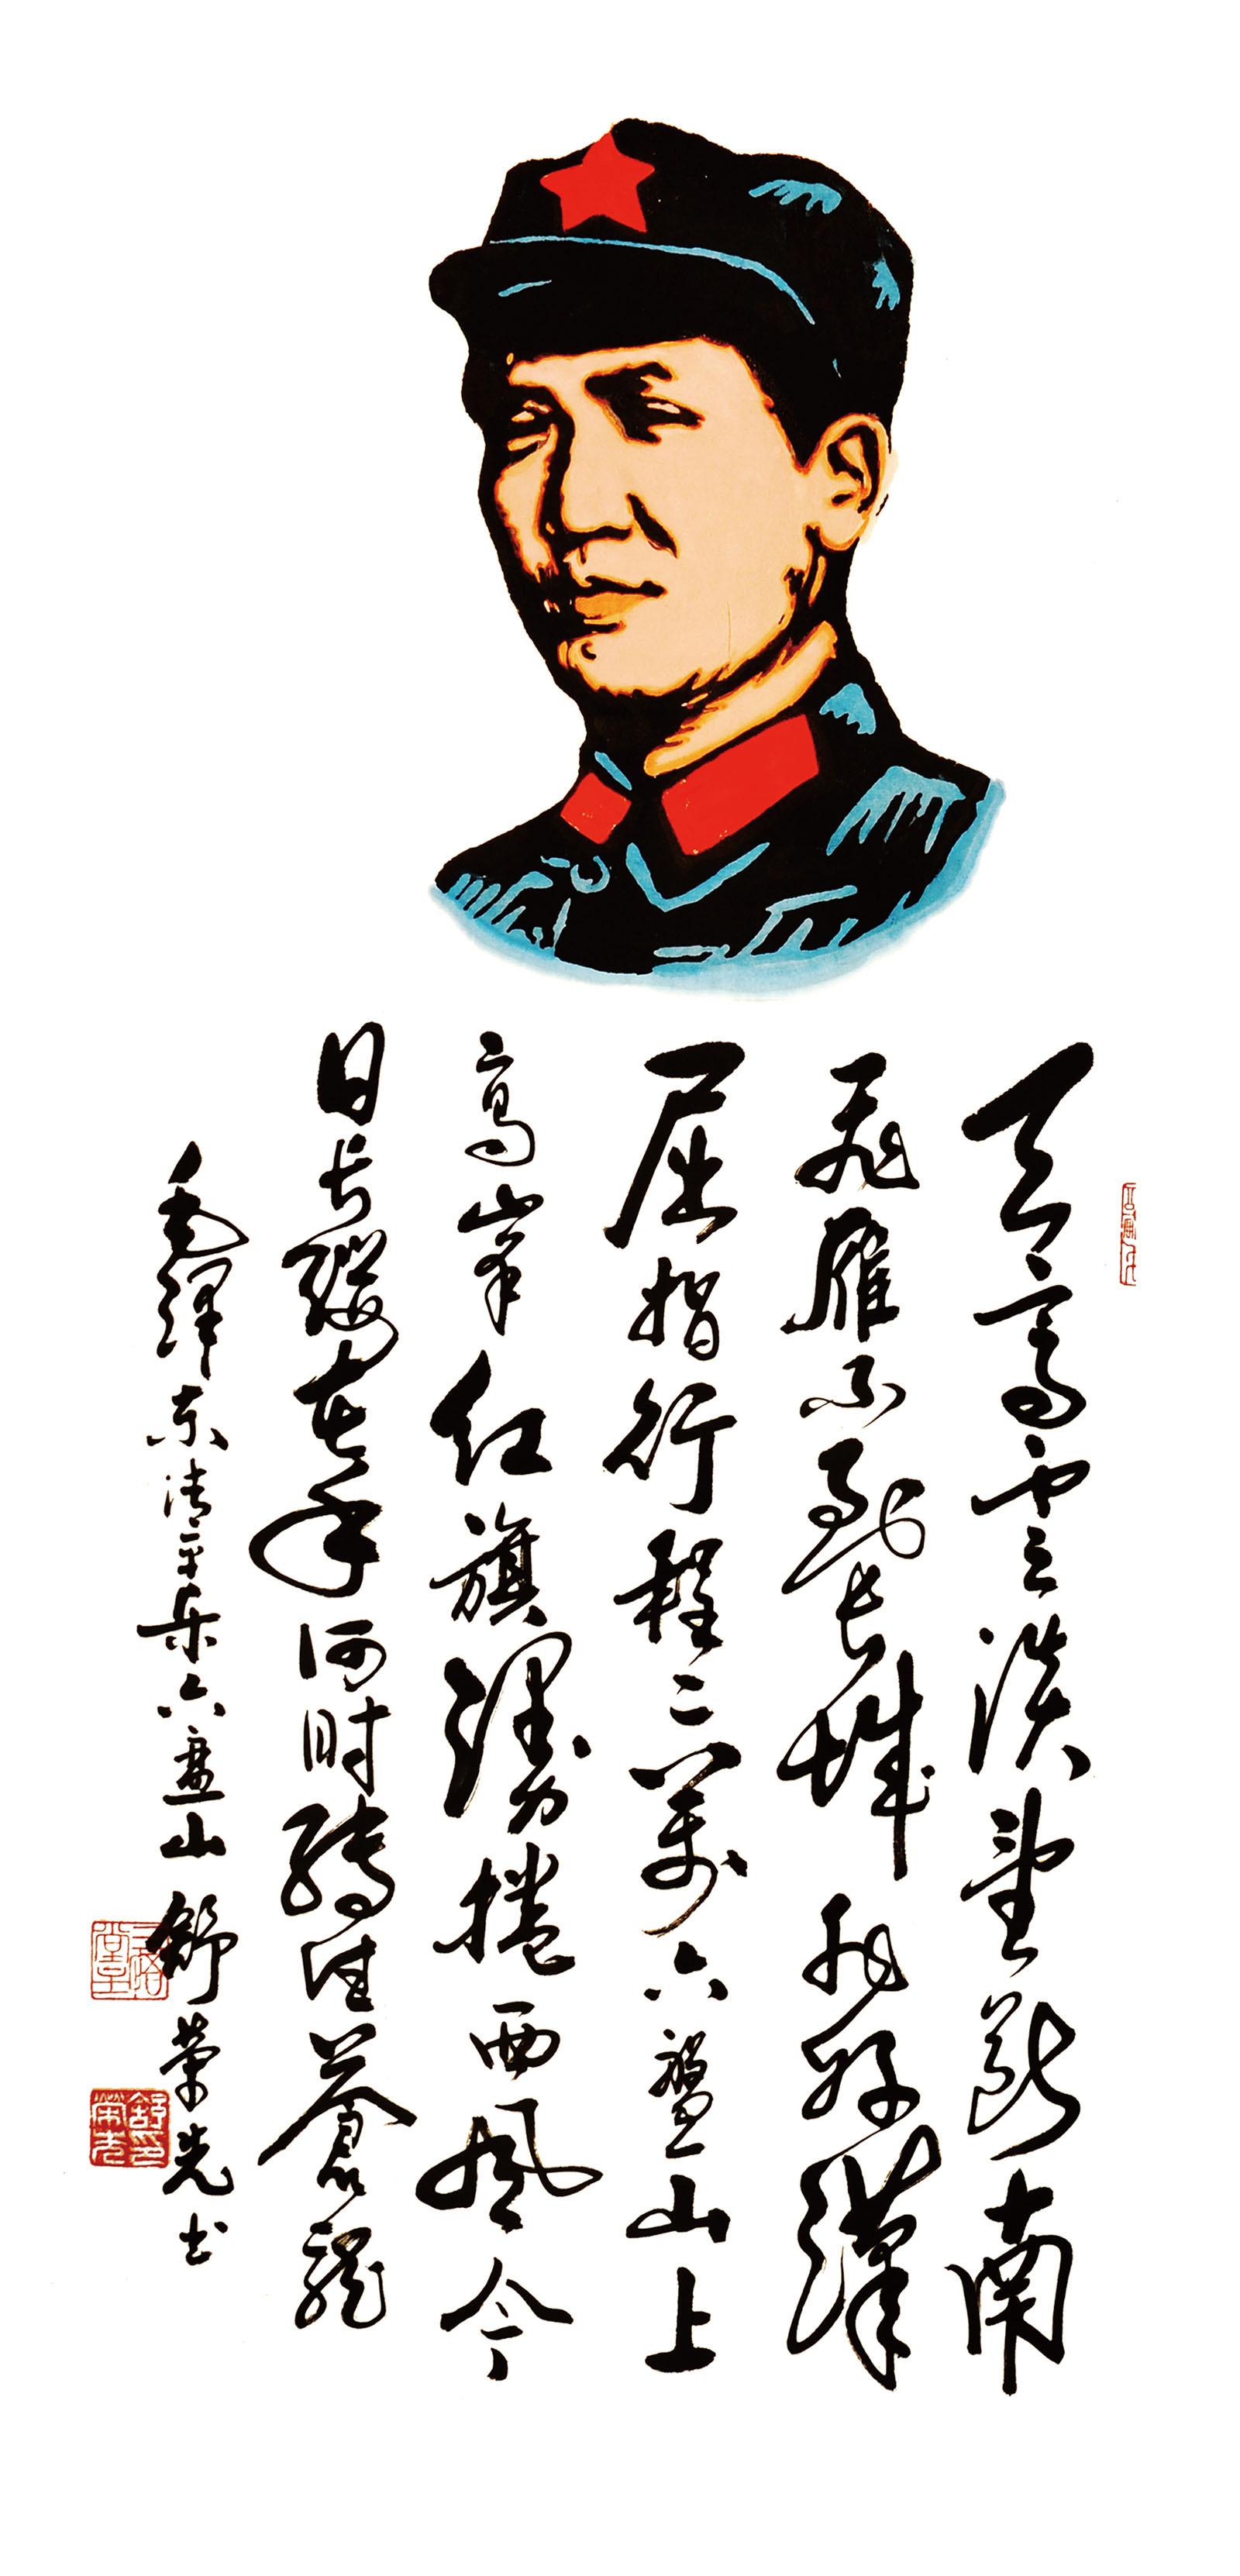 数风流人物还看今朝_数风流人物,还看今朝---毛泽东(纪念伟大领袖毛泽东诞辰124周年)